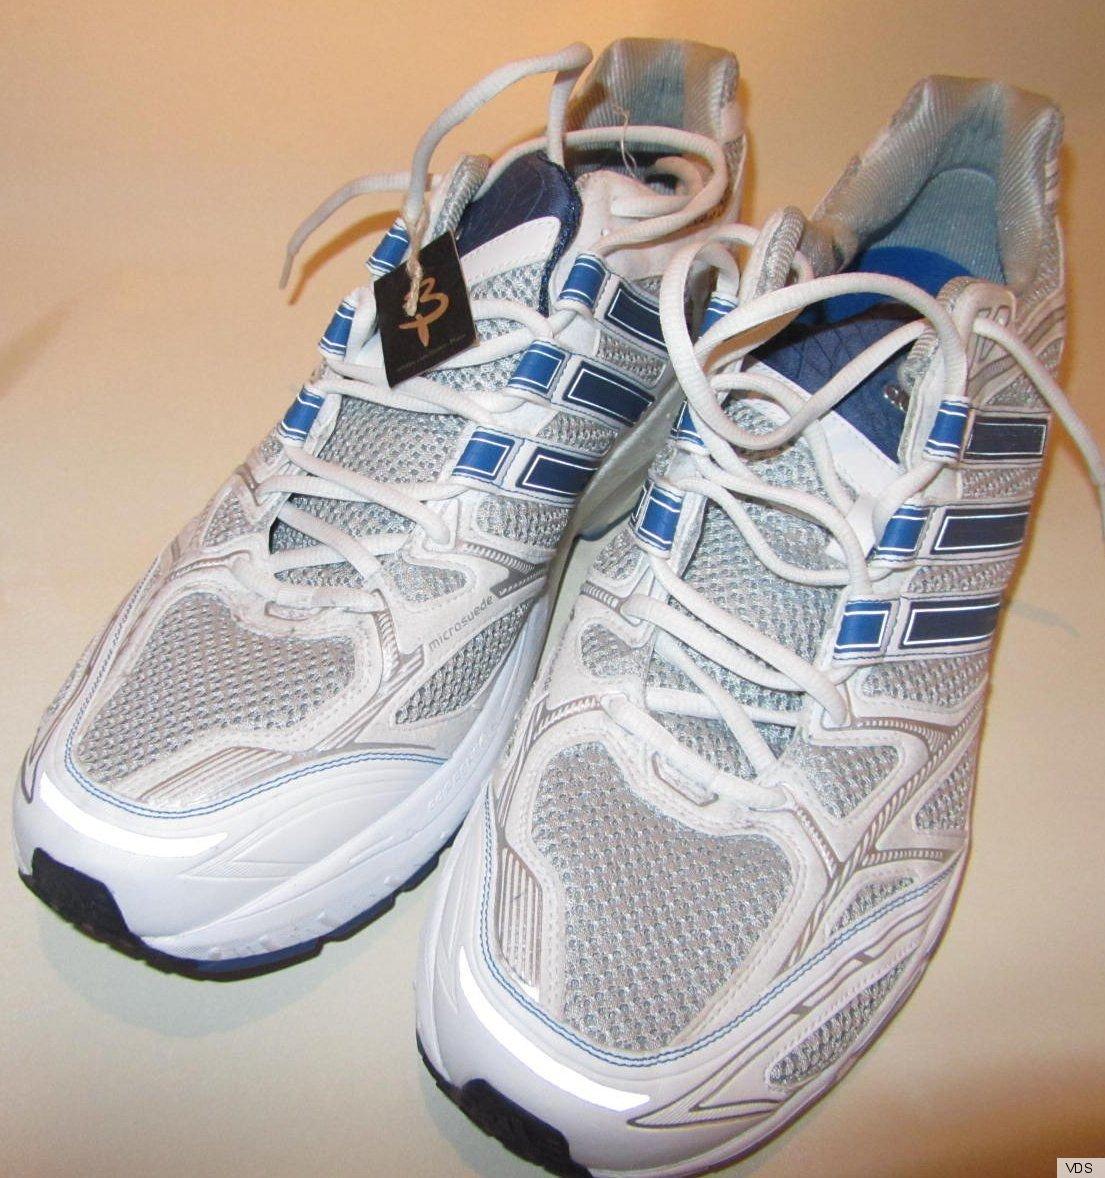 Adidas Supernova Laufschuhe Übergröße 55 Sneaker 23 Zu Wie Schuhe Moderator Details Neu nvwN8m0